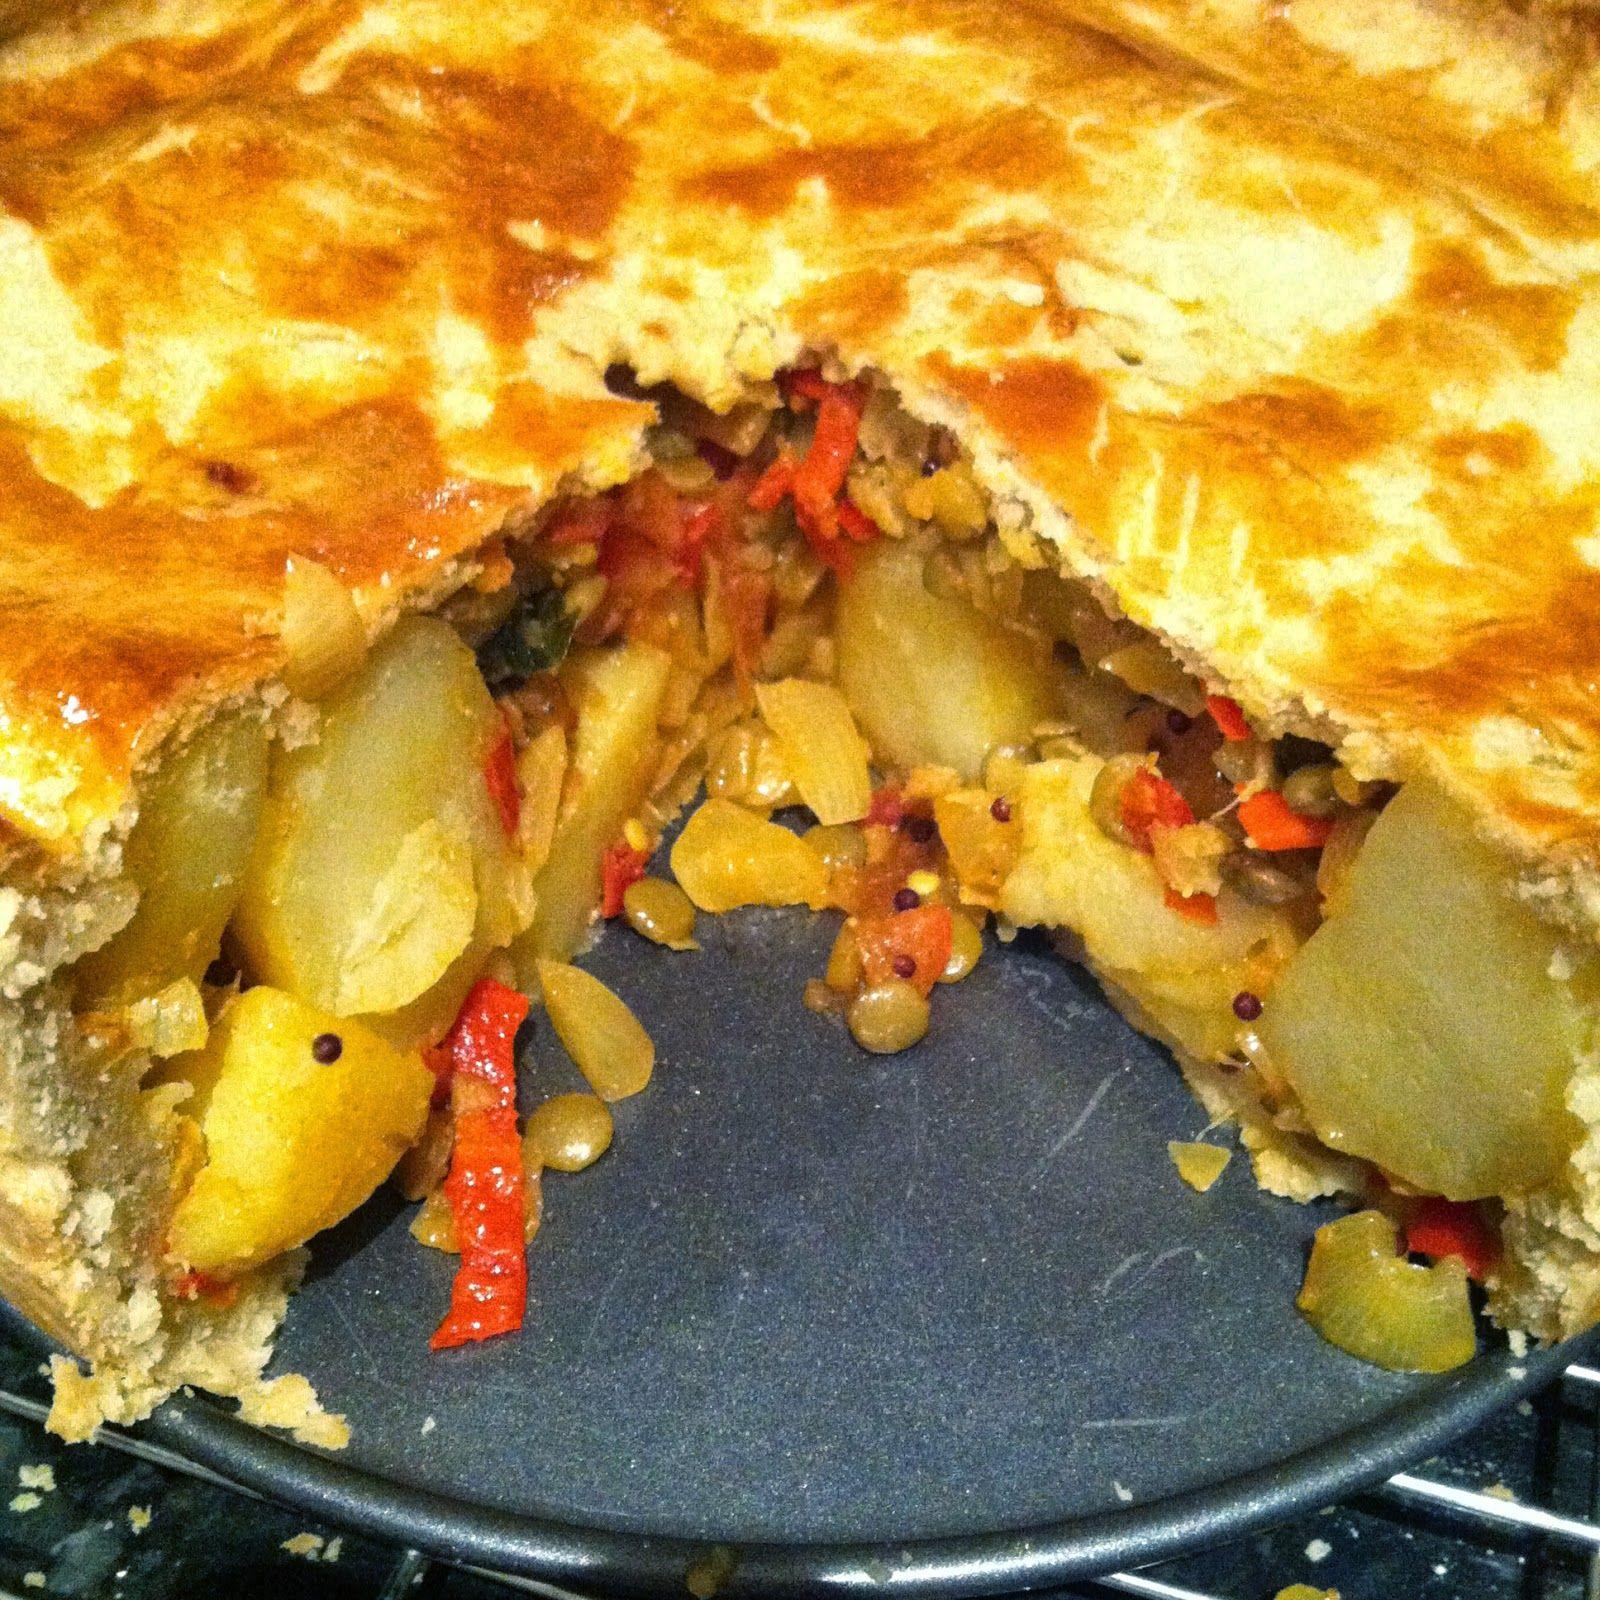 Chetnas indian hot water crust pie vegetabele and one with chetnas indian hot water crust pie vegetabele and one with chicken recipe http forumfinder Gallery